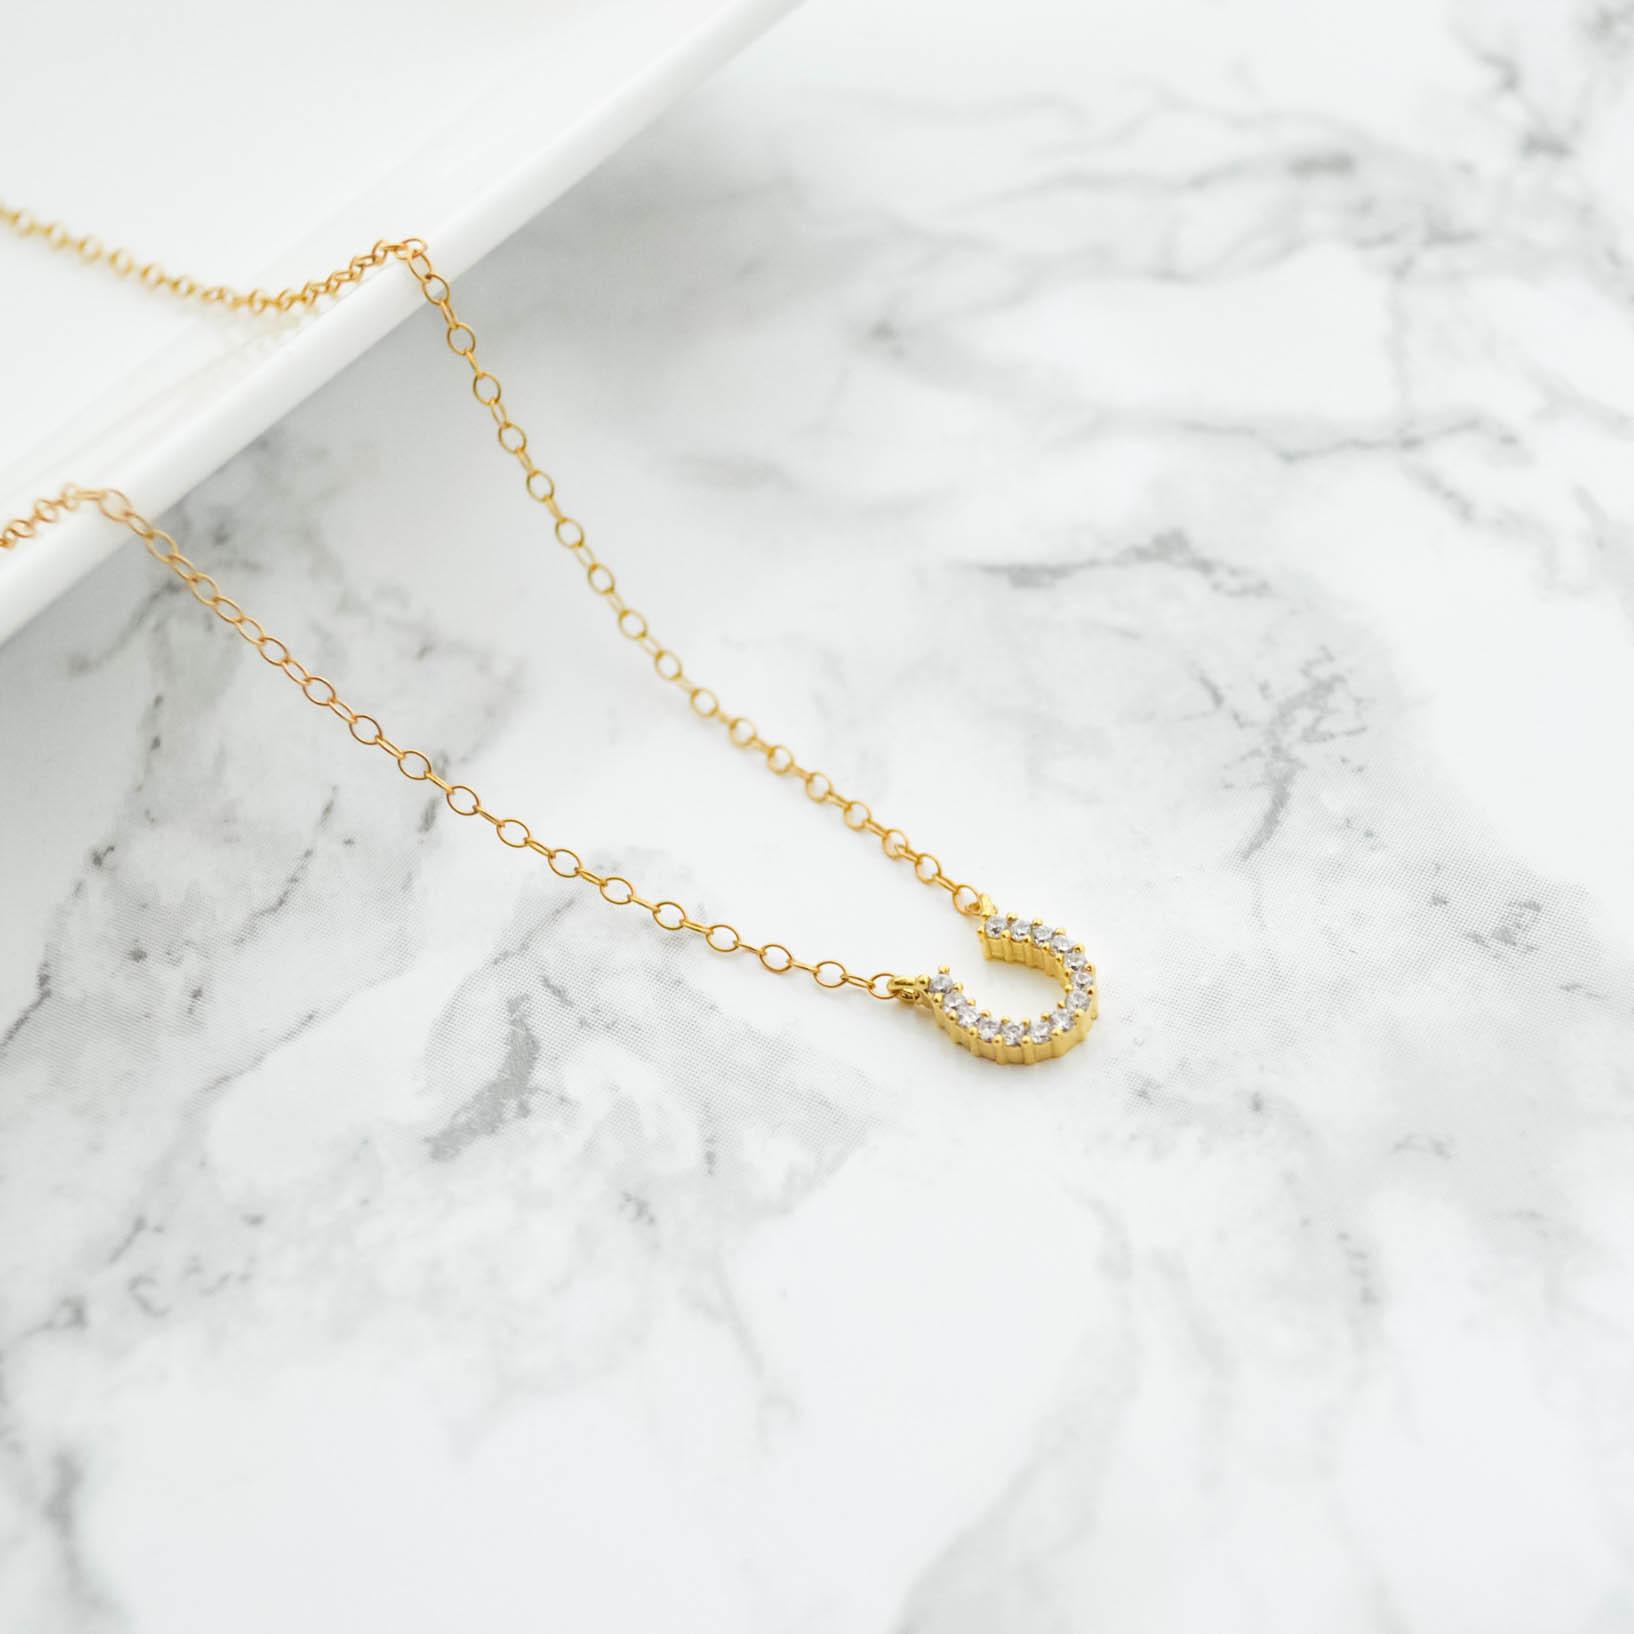 14kgf Horseshoe Necklace